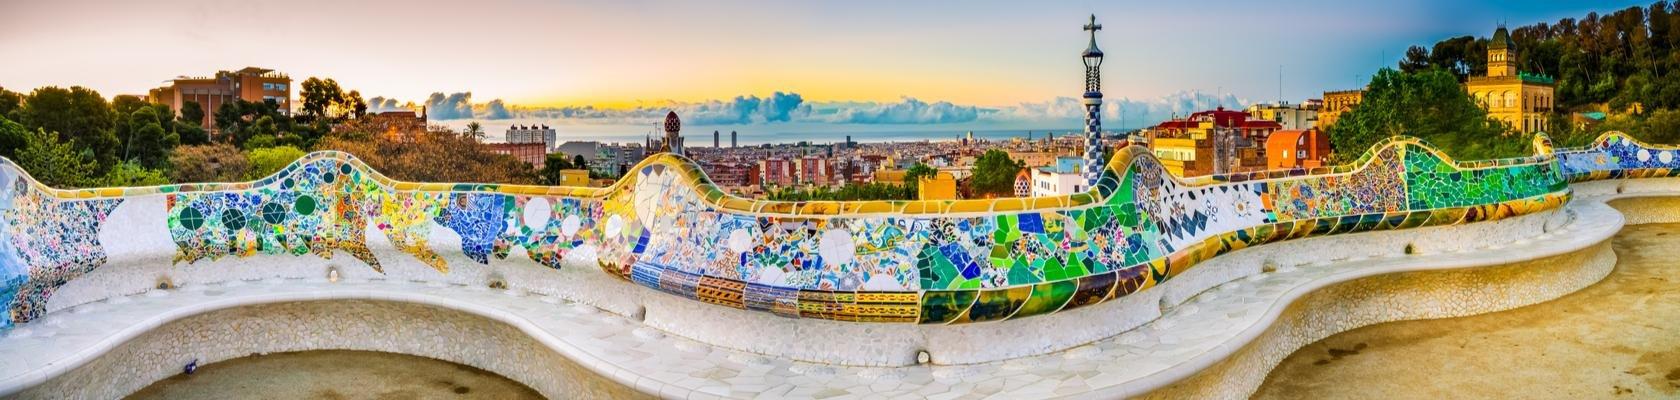 Park Güell: Barcelona